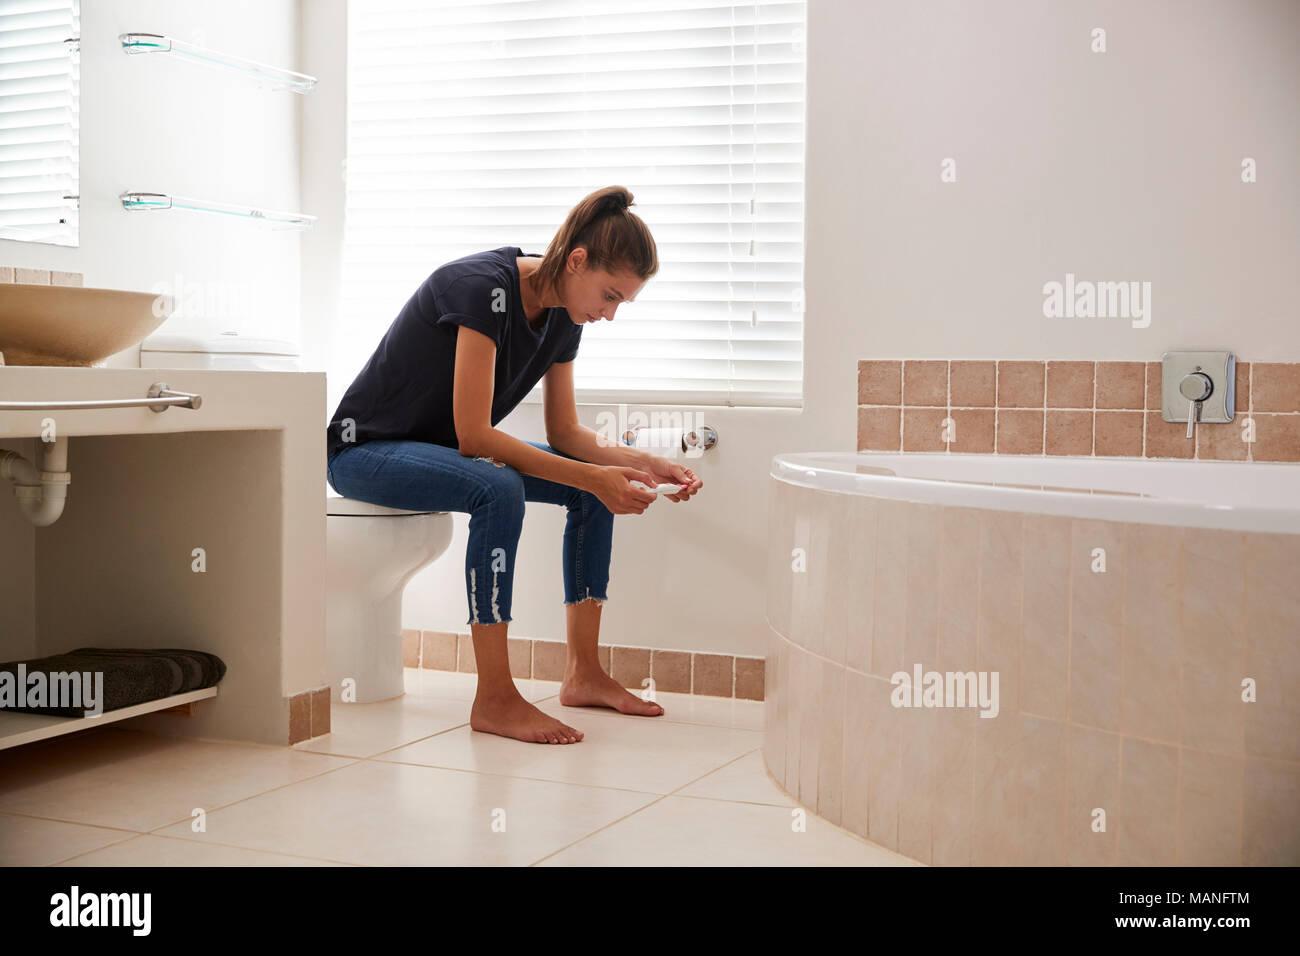 Betroffene Frau Im Badezimmer Mit Startseite Schwangerschaft Test Stockfotografie Alamy